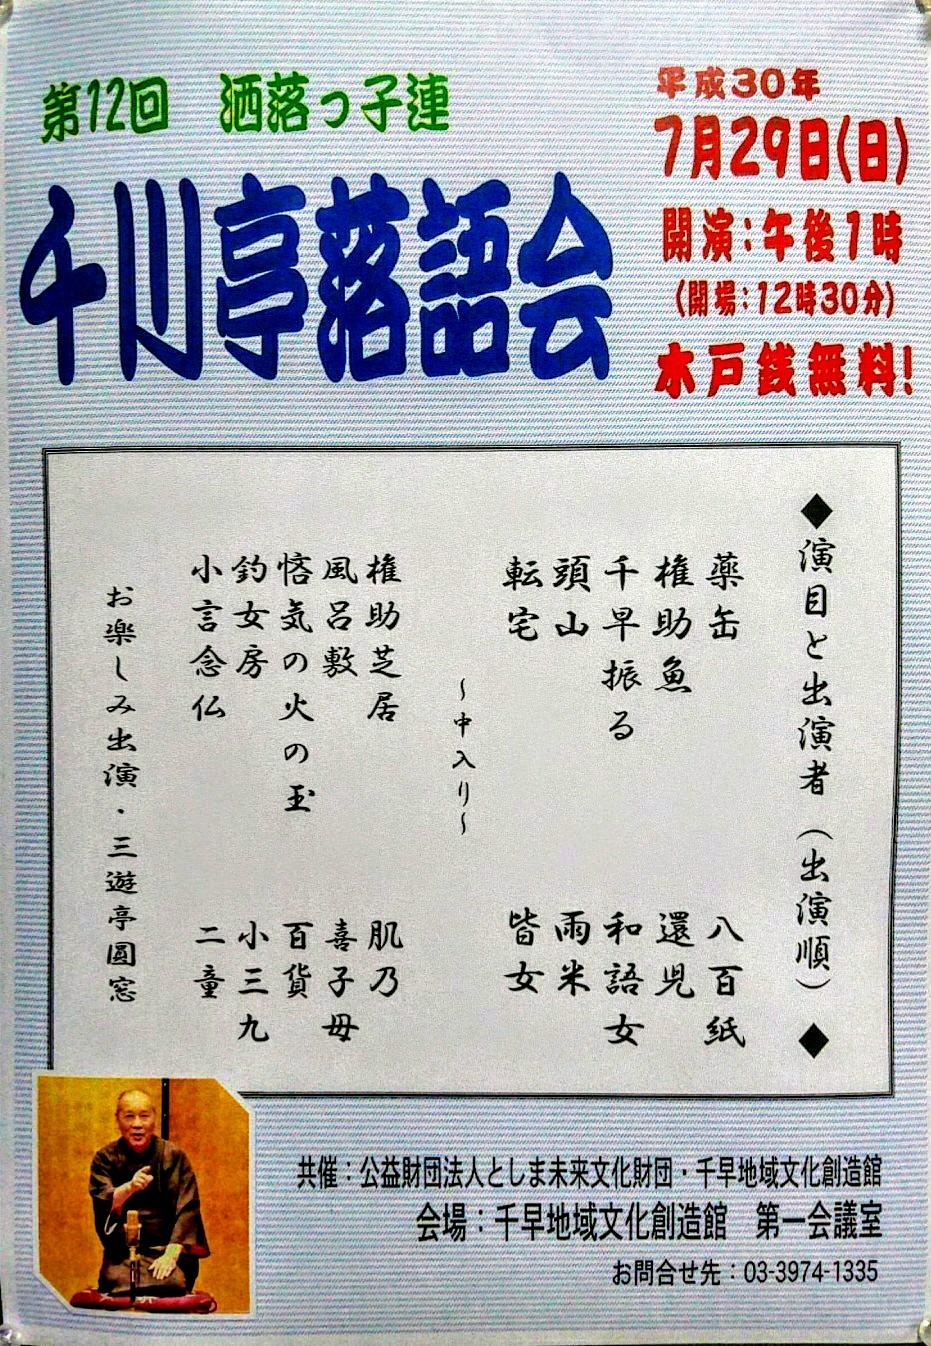 千川亭落語会のチラシ